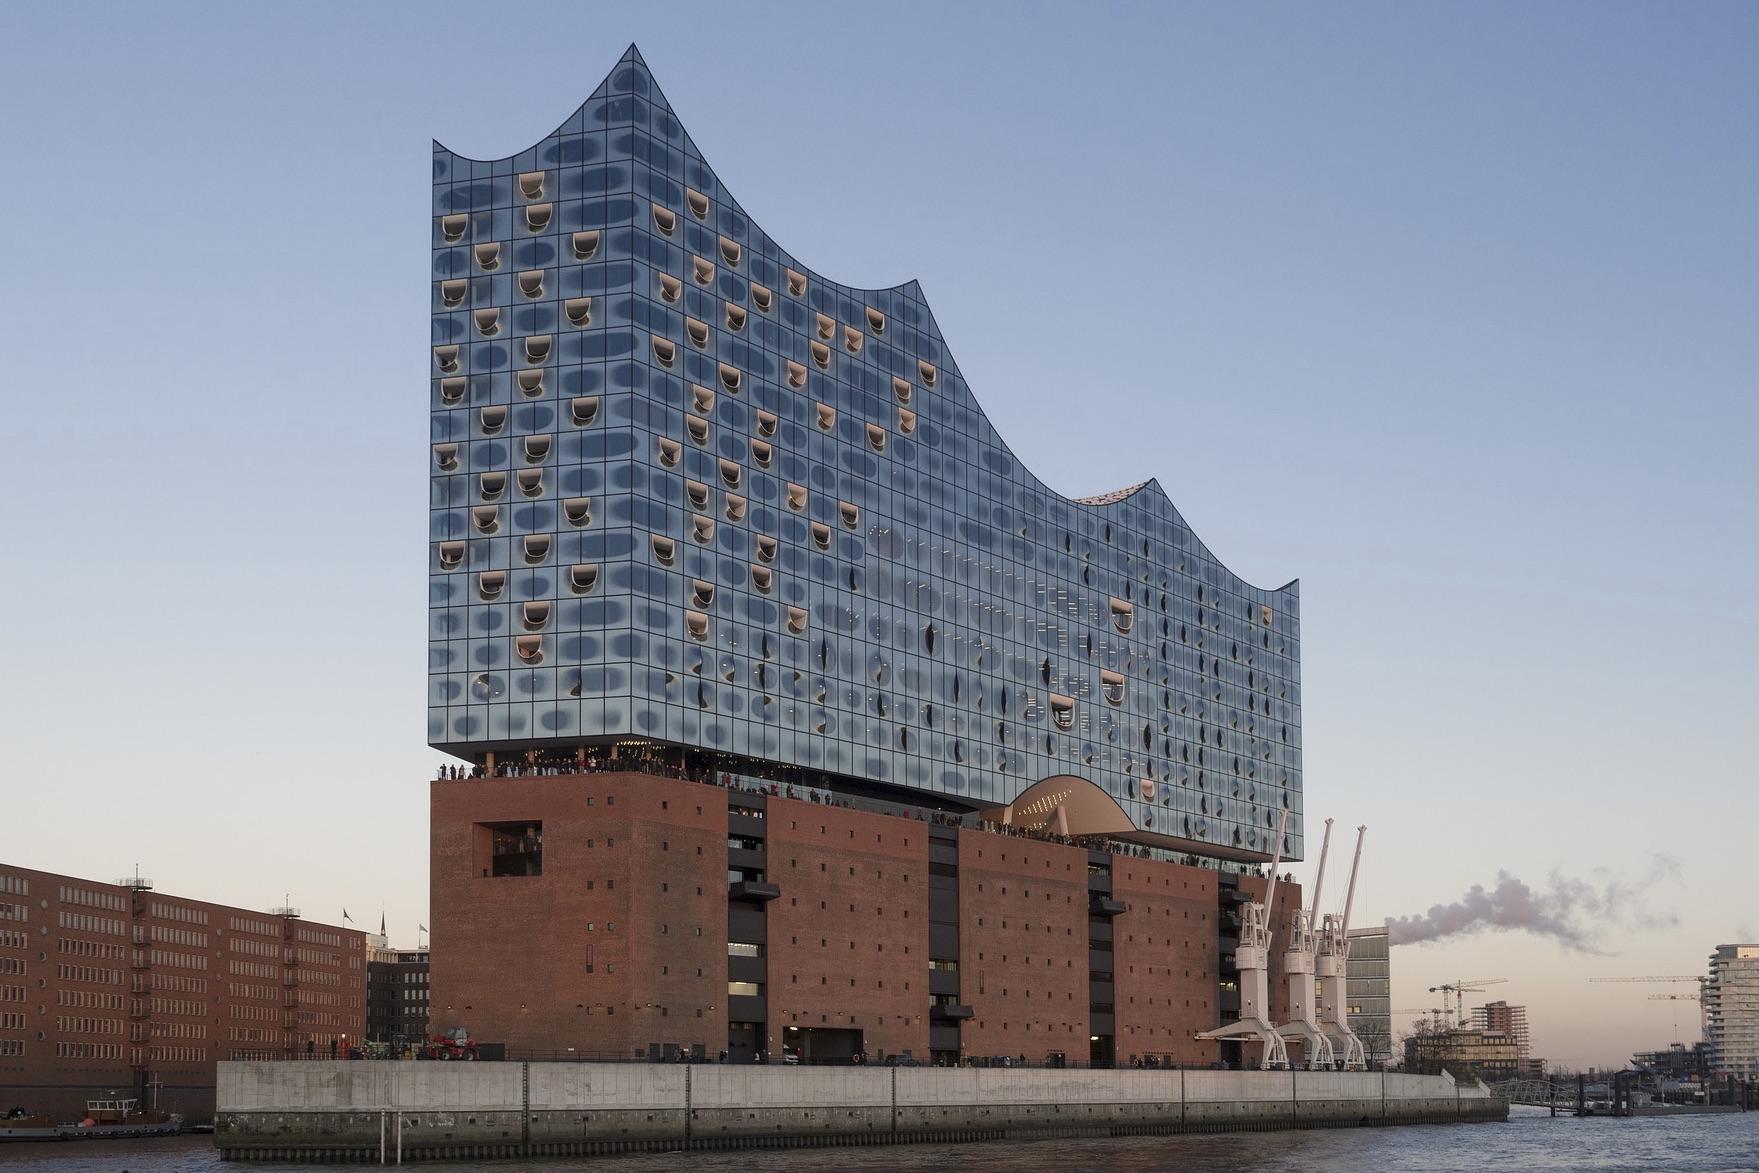 Die Elbphilharmonie in Hamburg zählt zu den wichtigen Deutschland Sehenswürdigkeiten